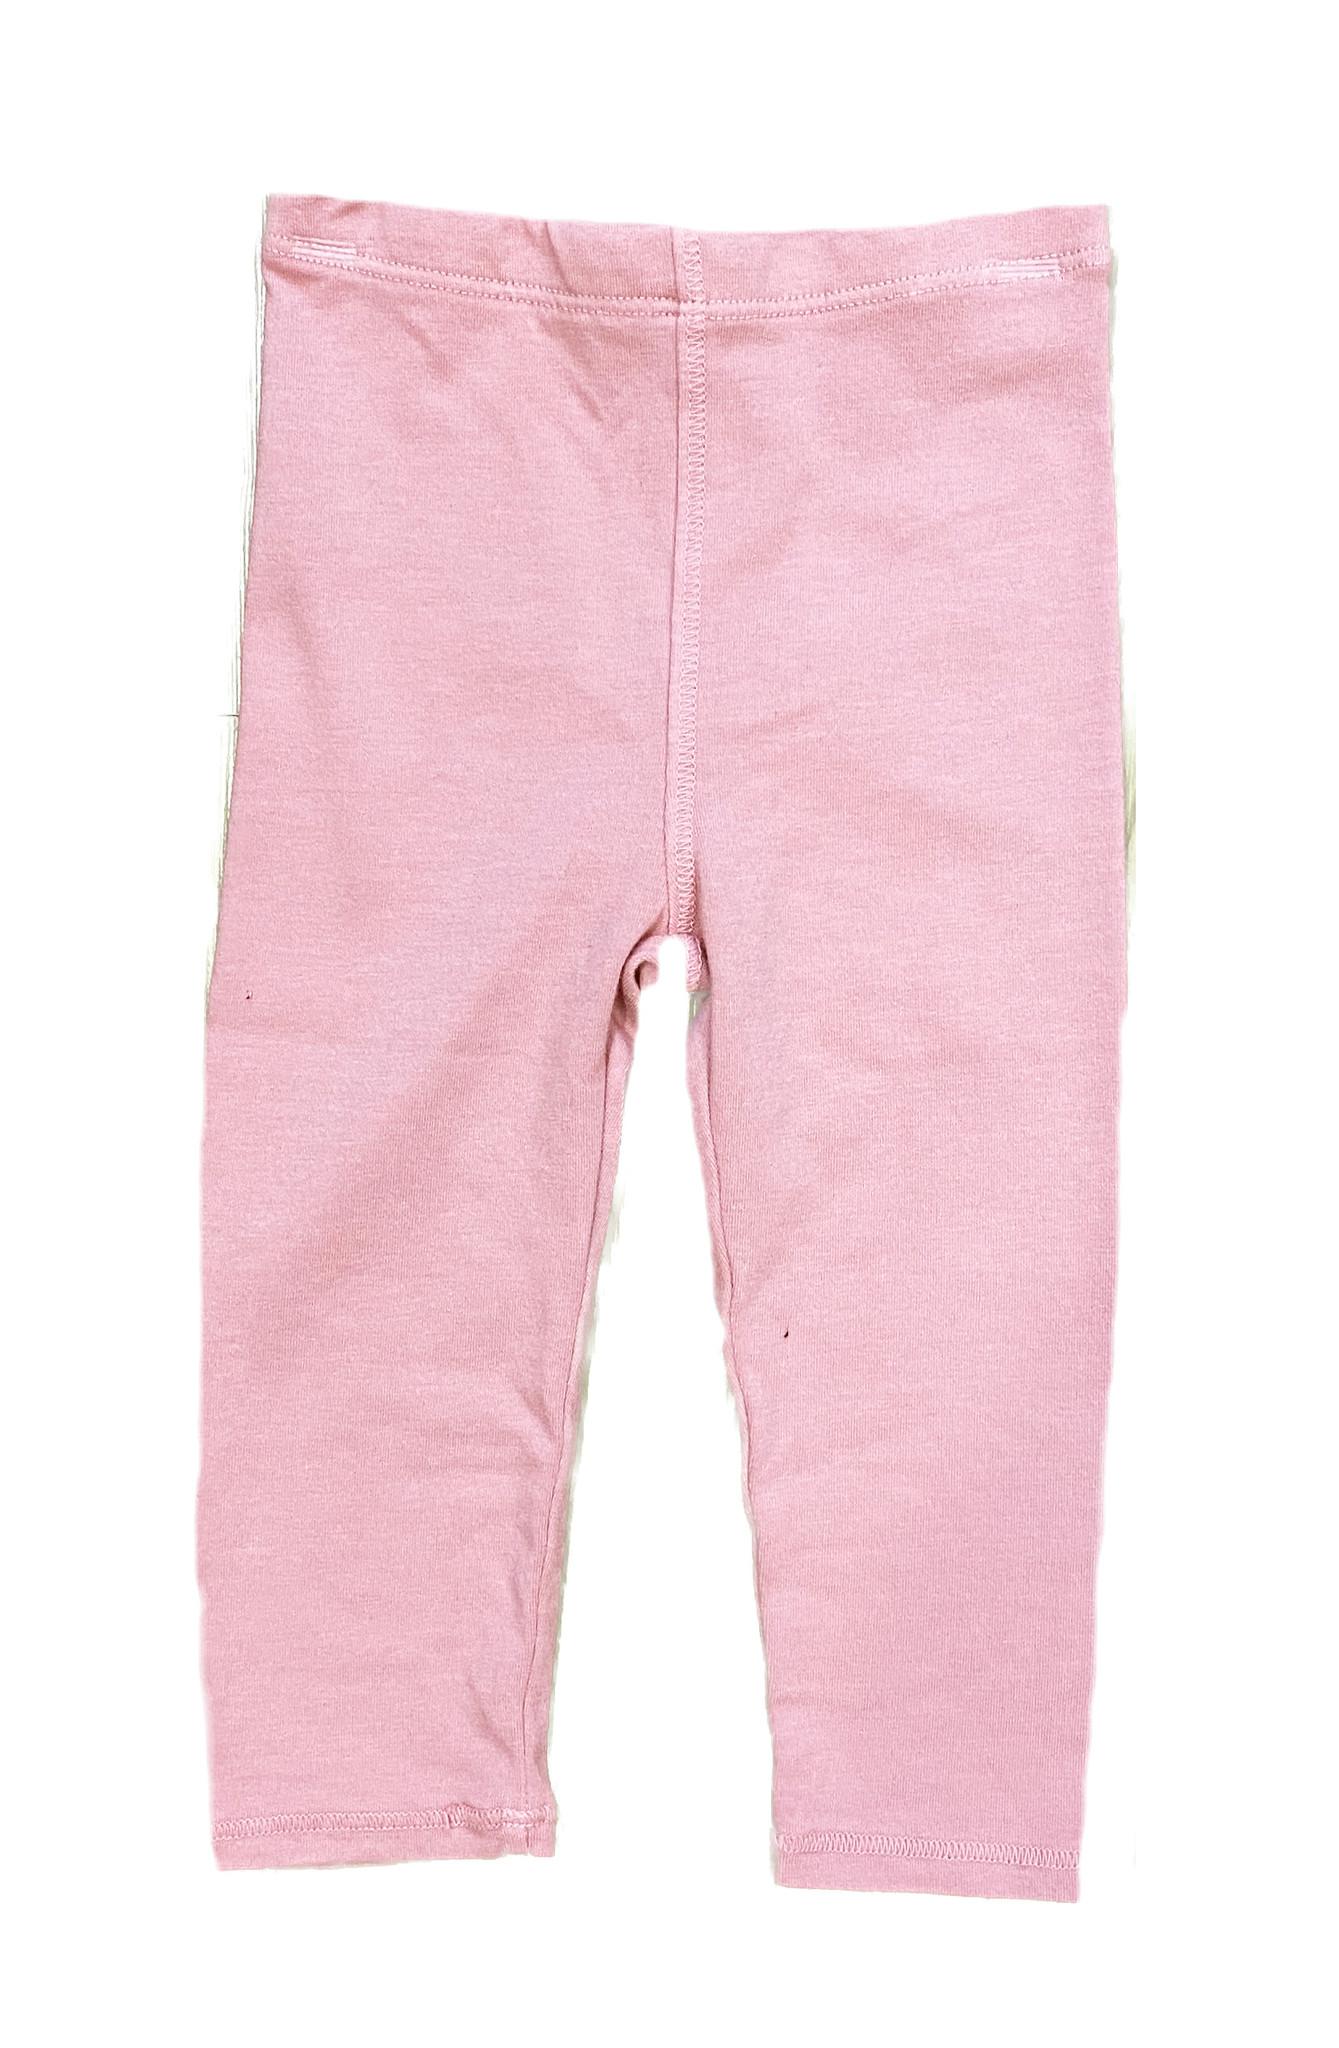 Cozii Light Pink Infant Legging